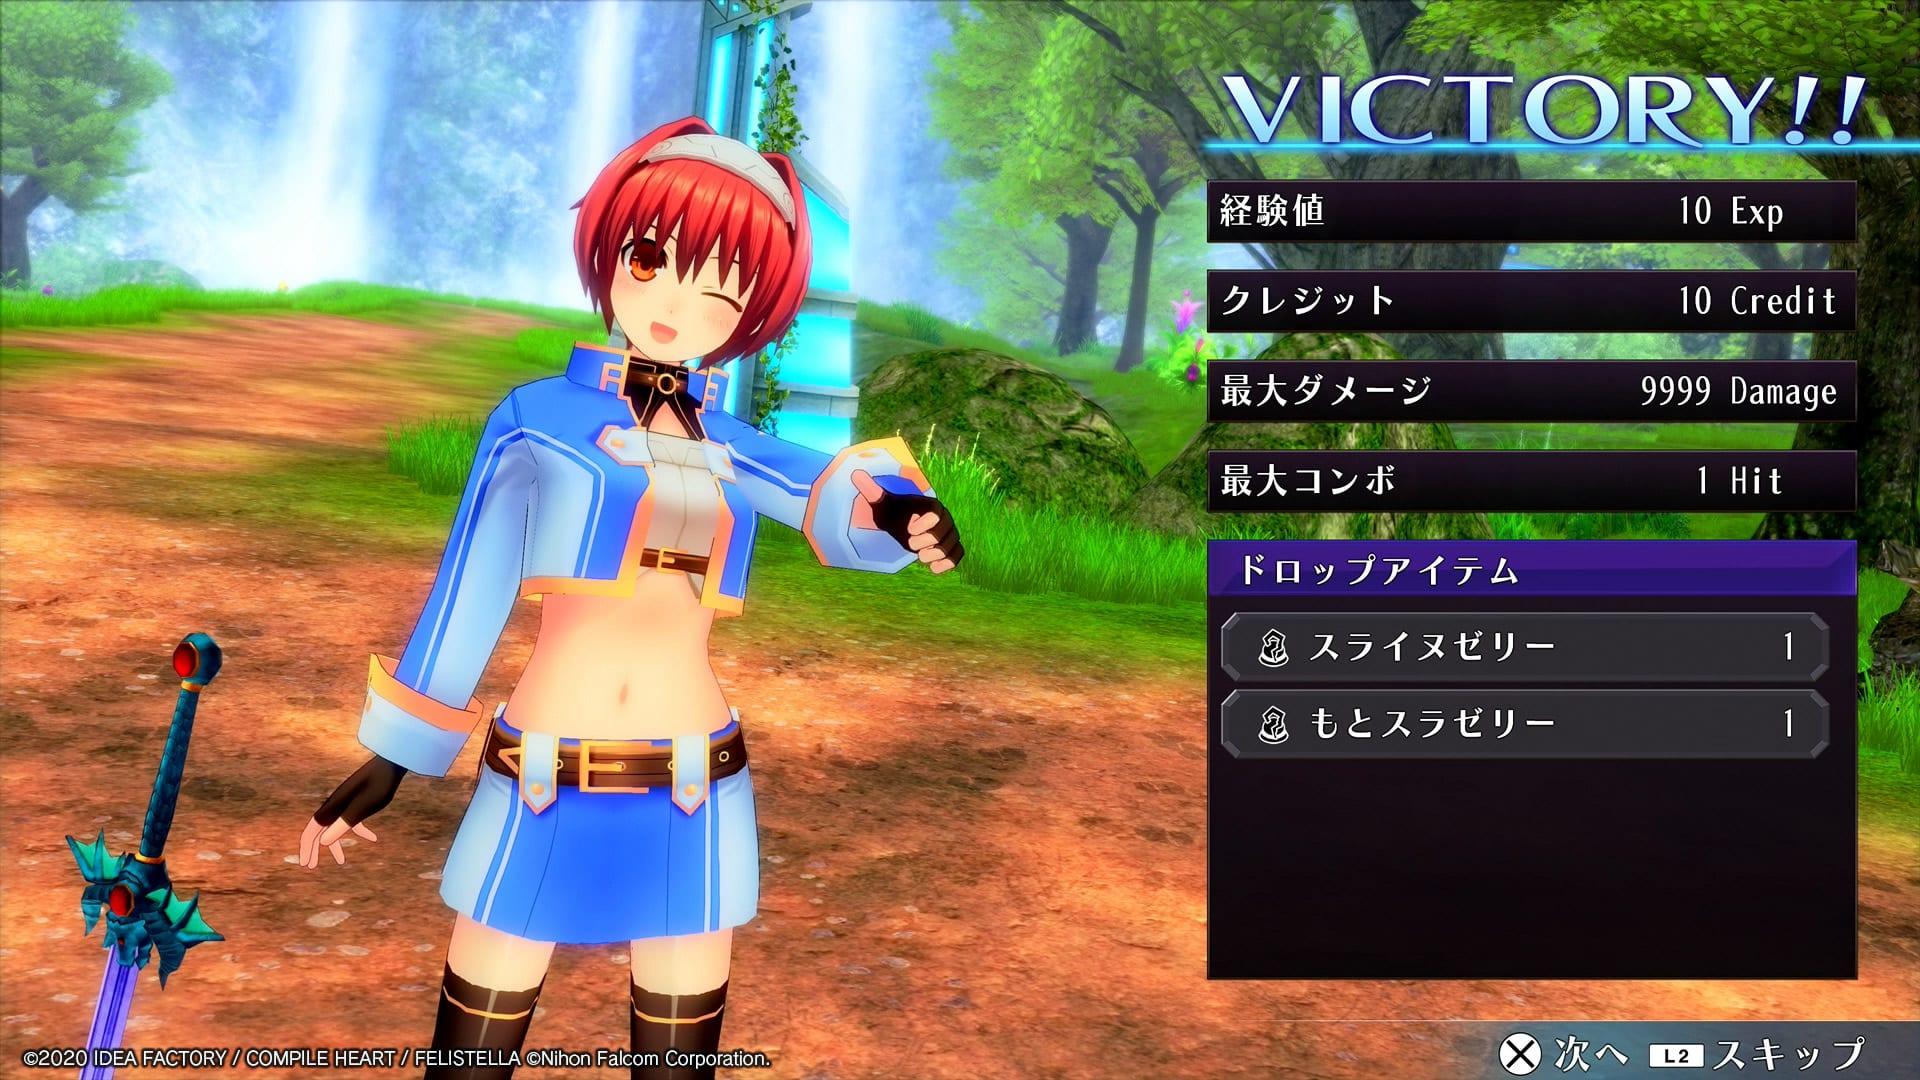 Go-Go-5D-Game-Neptunia-ReVerse-6-1.jpg